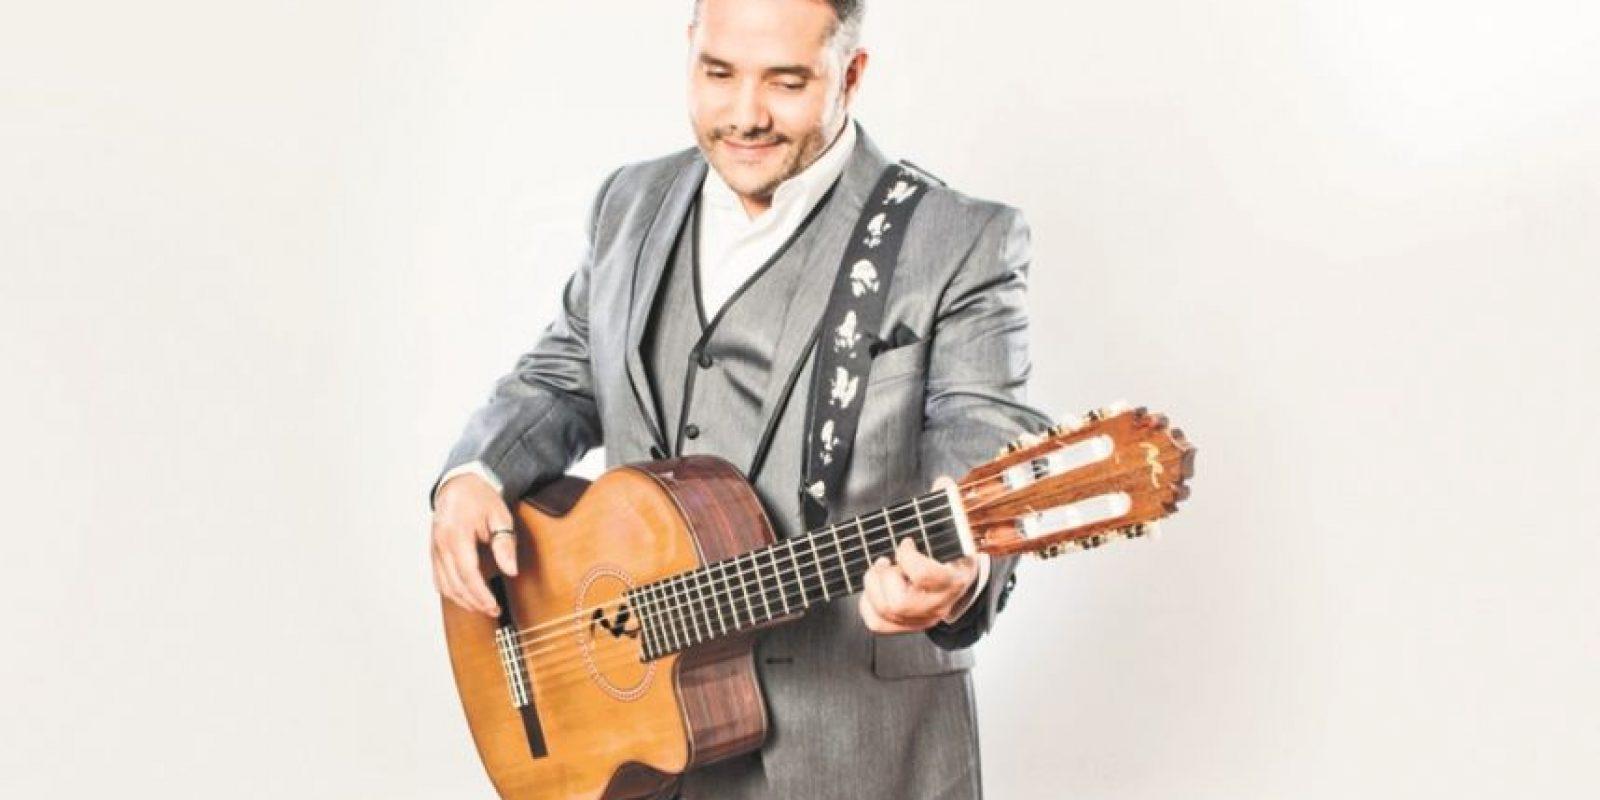 """Pavel Núñez: """"Al otro lado de la calle"""" fue la probadita que, desde mediados de año, sonó su más reciente disco """"De mis insomnios"""". Para sorpresa del cantautor, a pesar de ser diferente a su anterior repertorio, el tema ha calado en el gusto del público."""